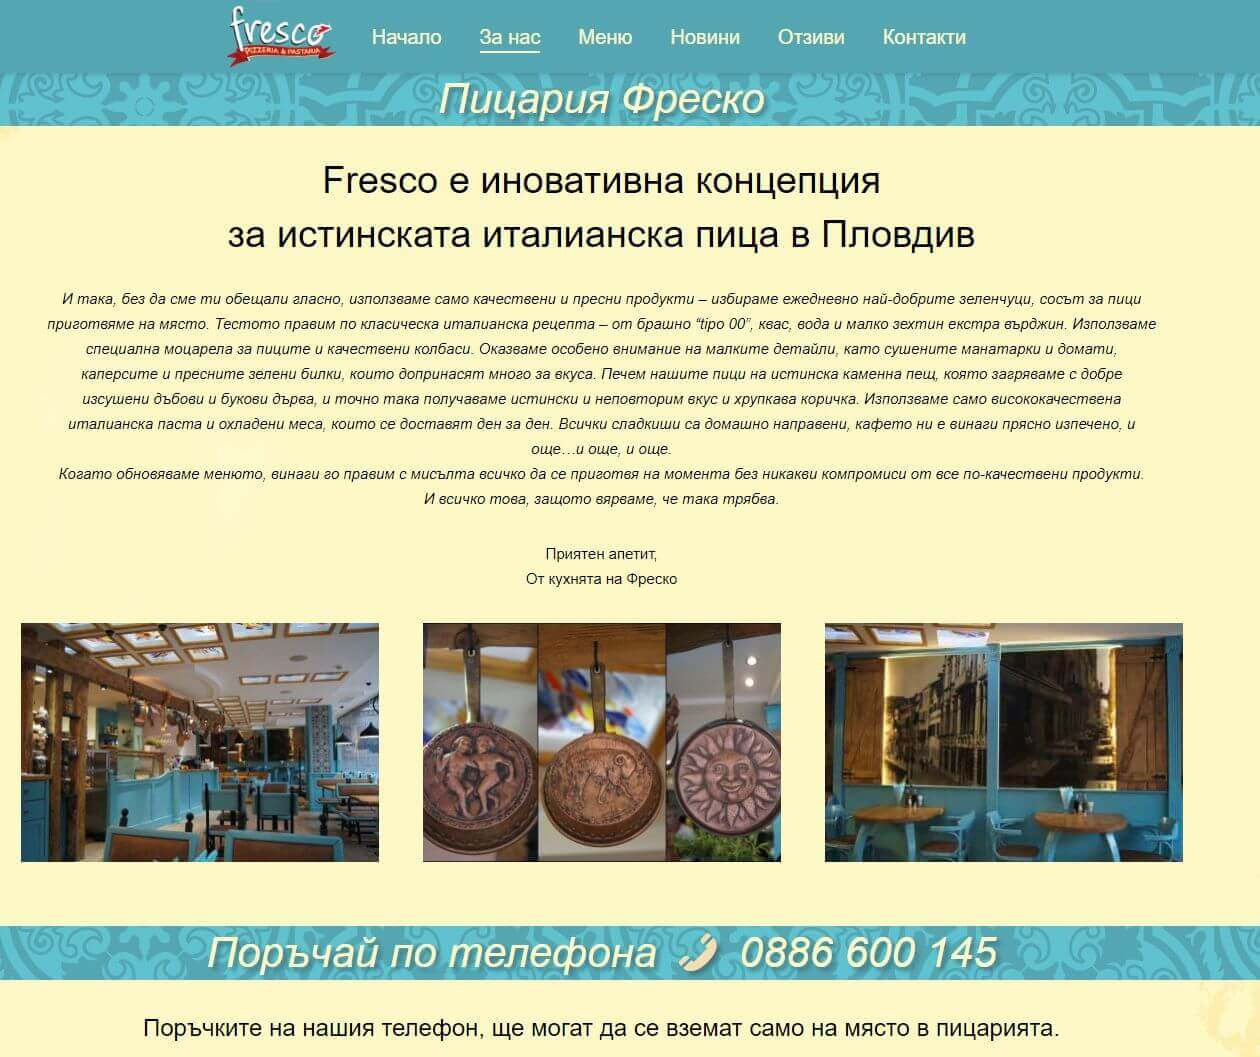 Дизайн и изработка на уеб сайт за пицария Fresco - Медия Дизайн